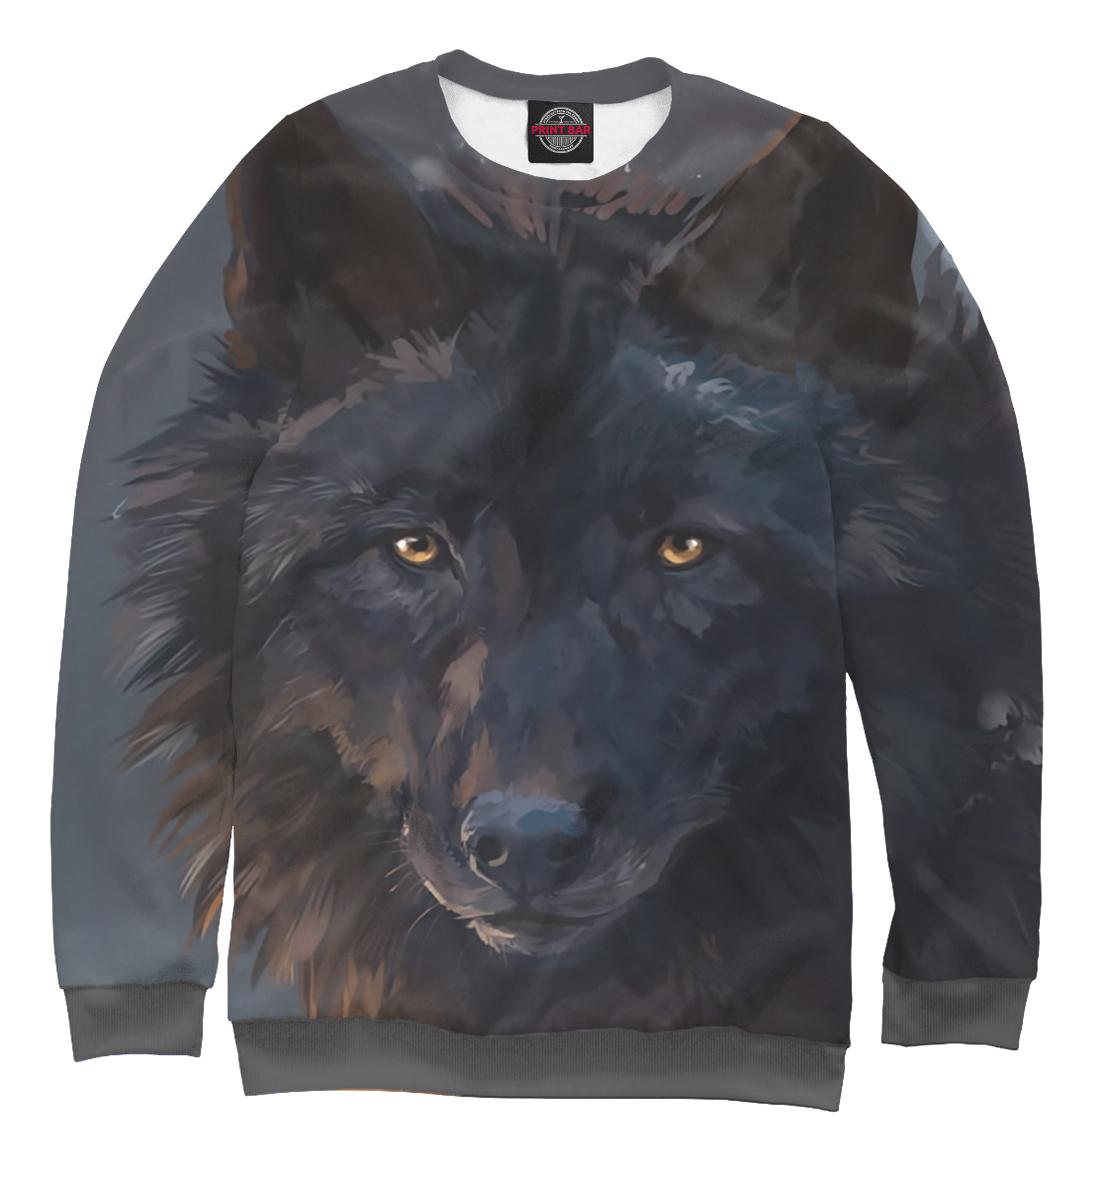 Купить Черный волк, Printbar, Свитшоты, VLF-121566-swi-1